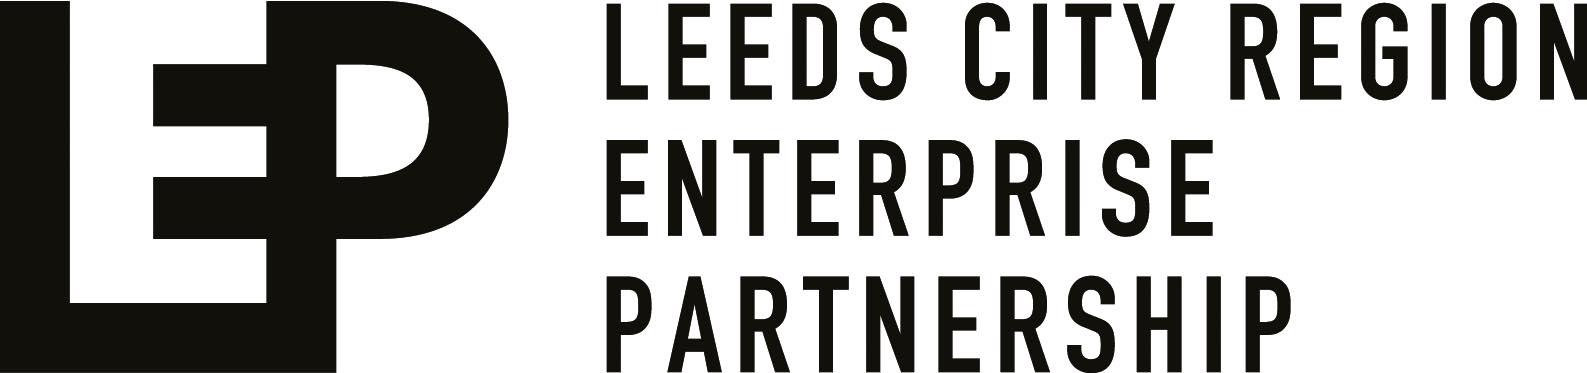 Leeds logo